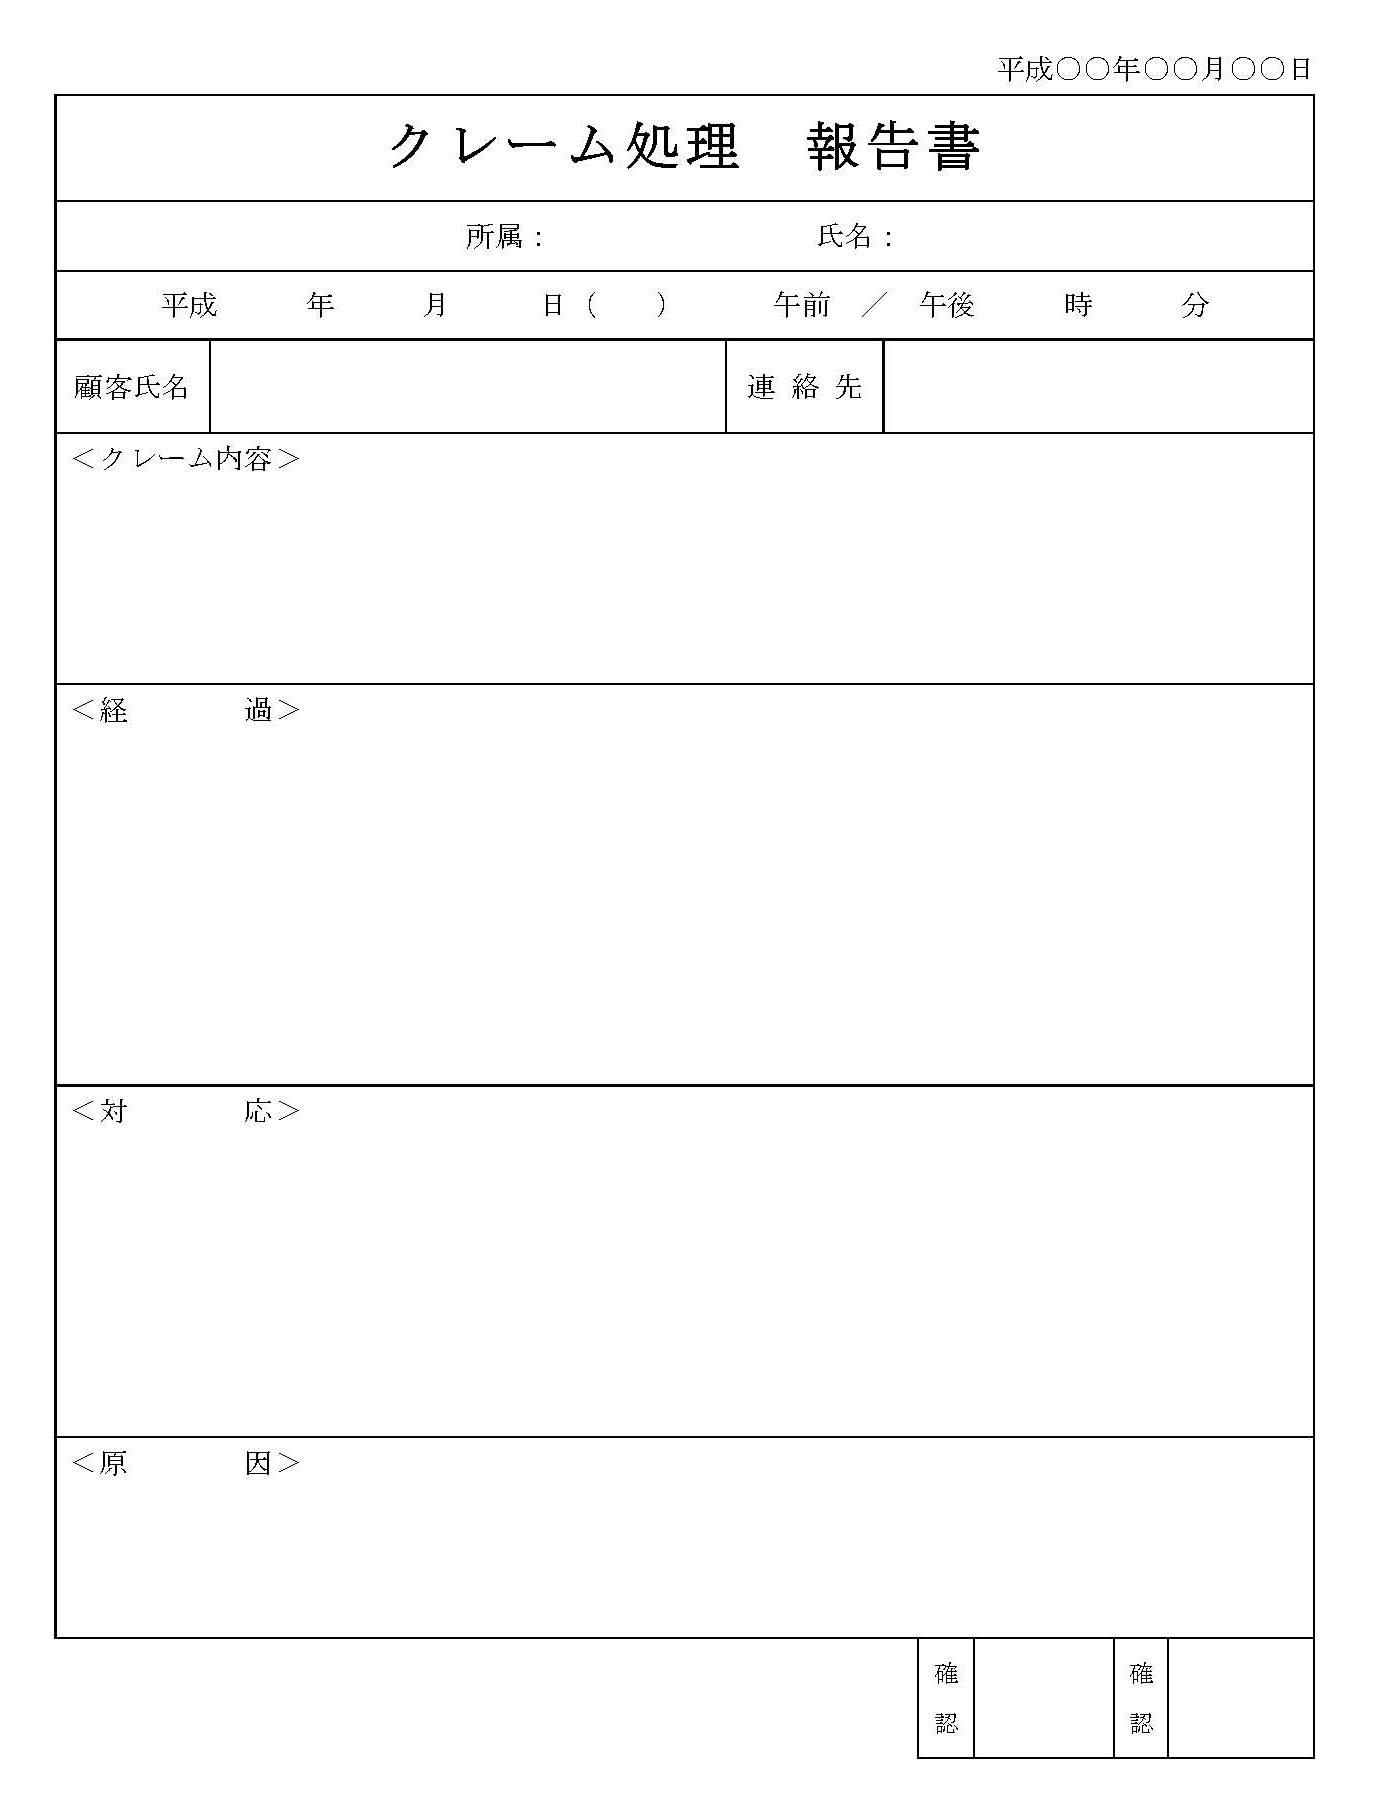 クレーム処理報告書02